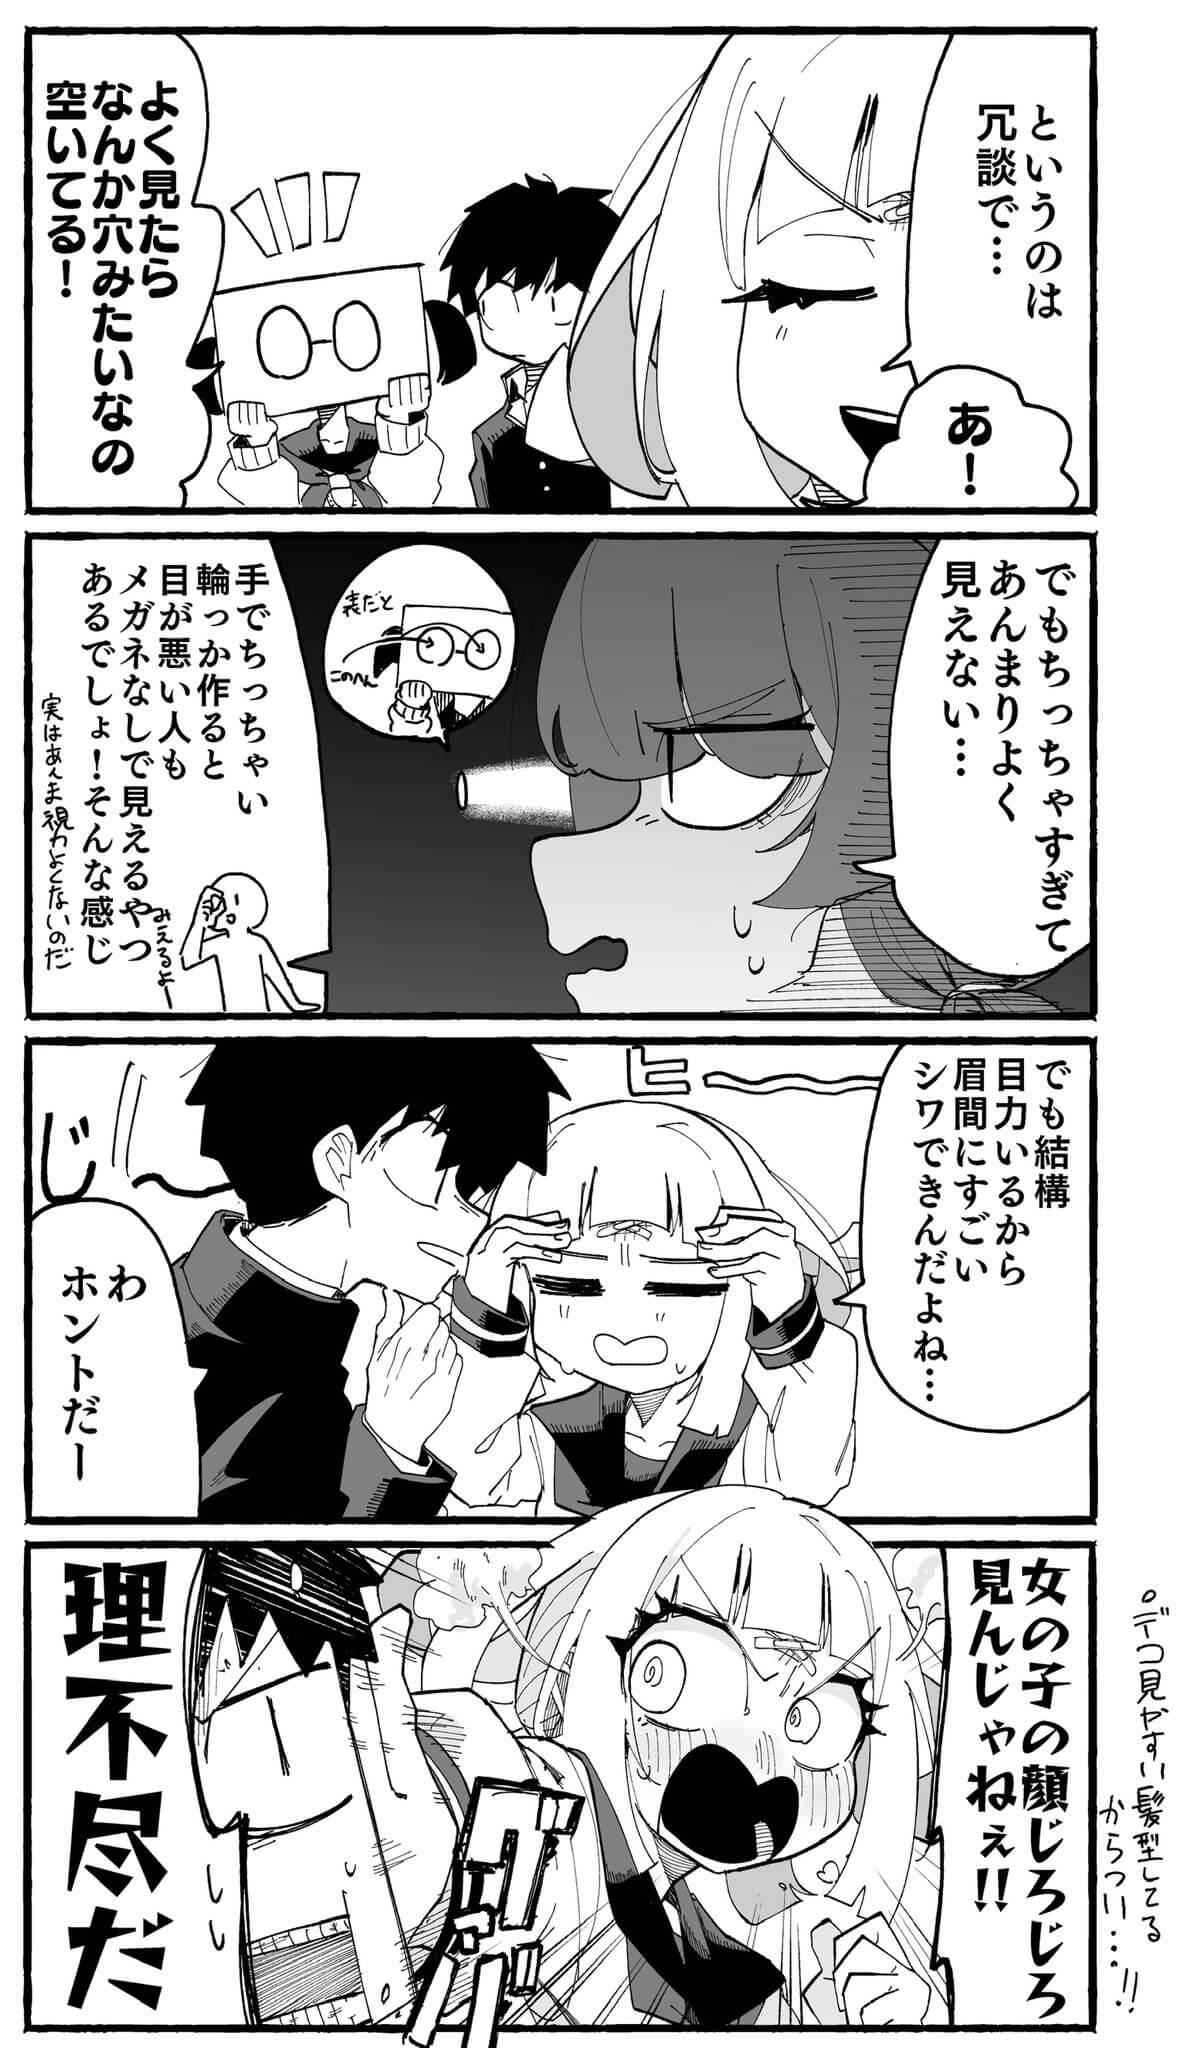 ハコ女子06